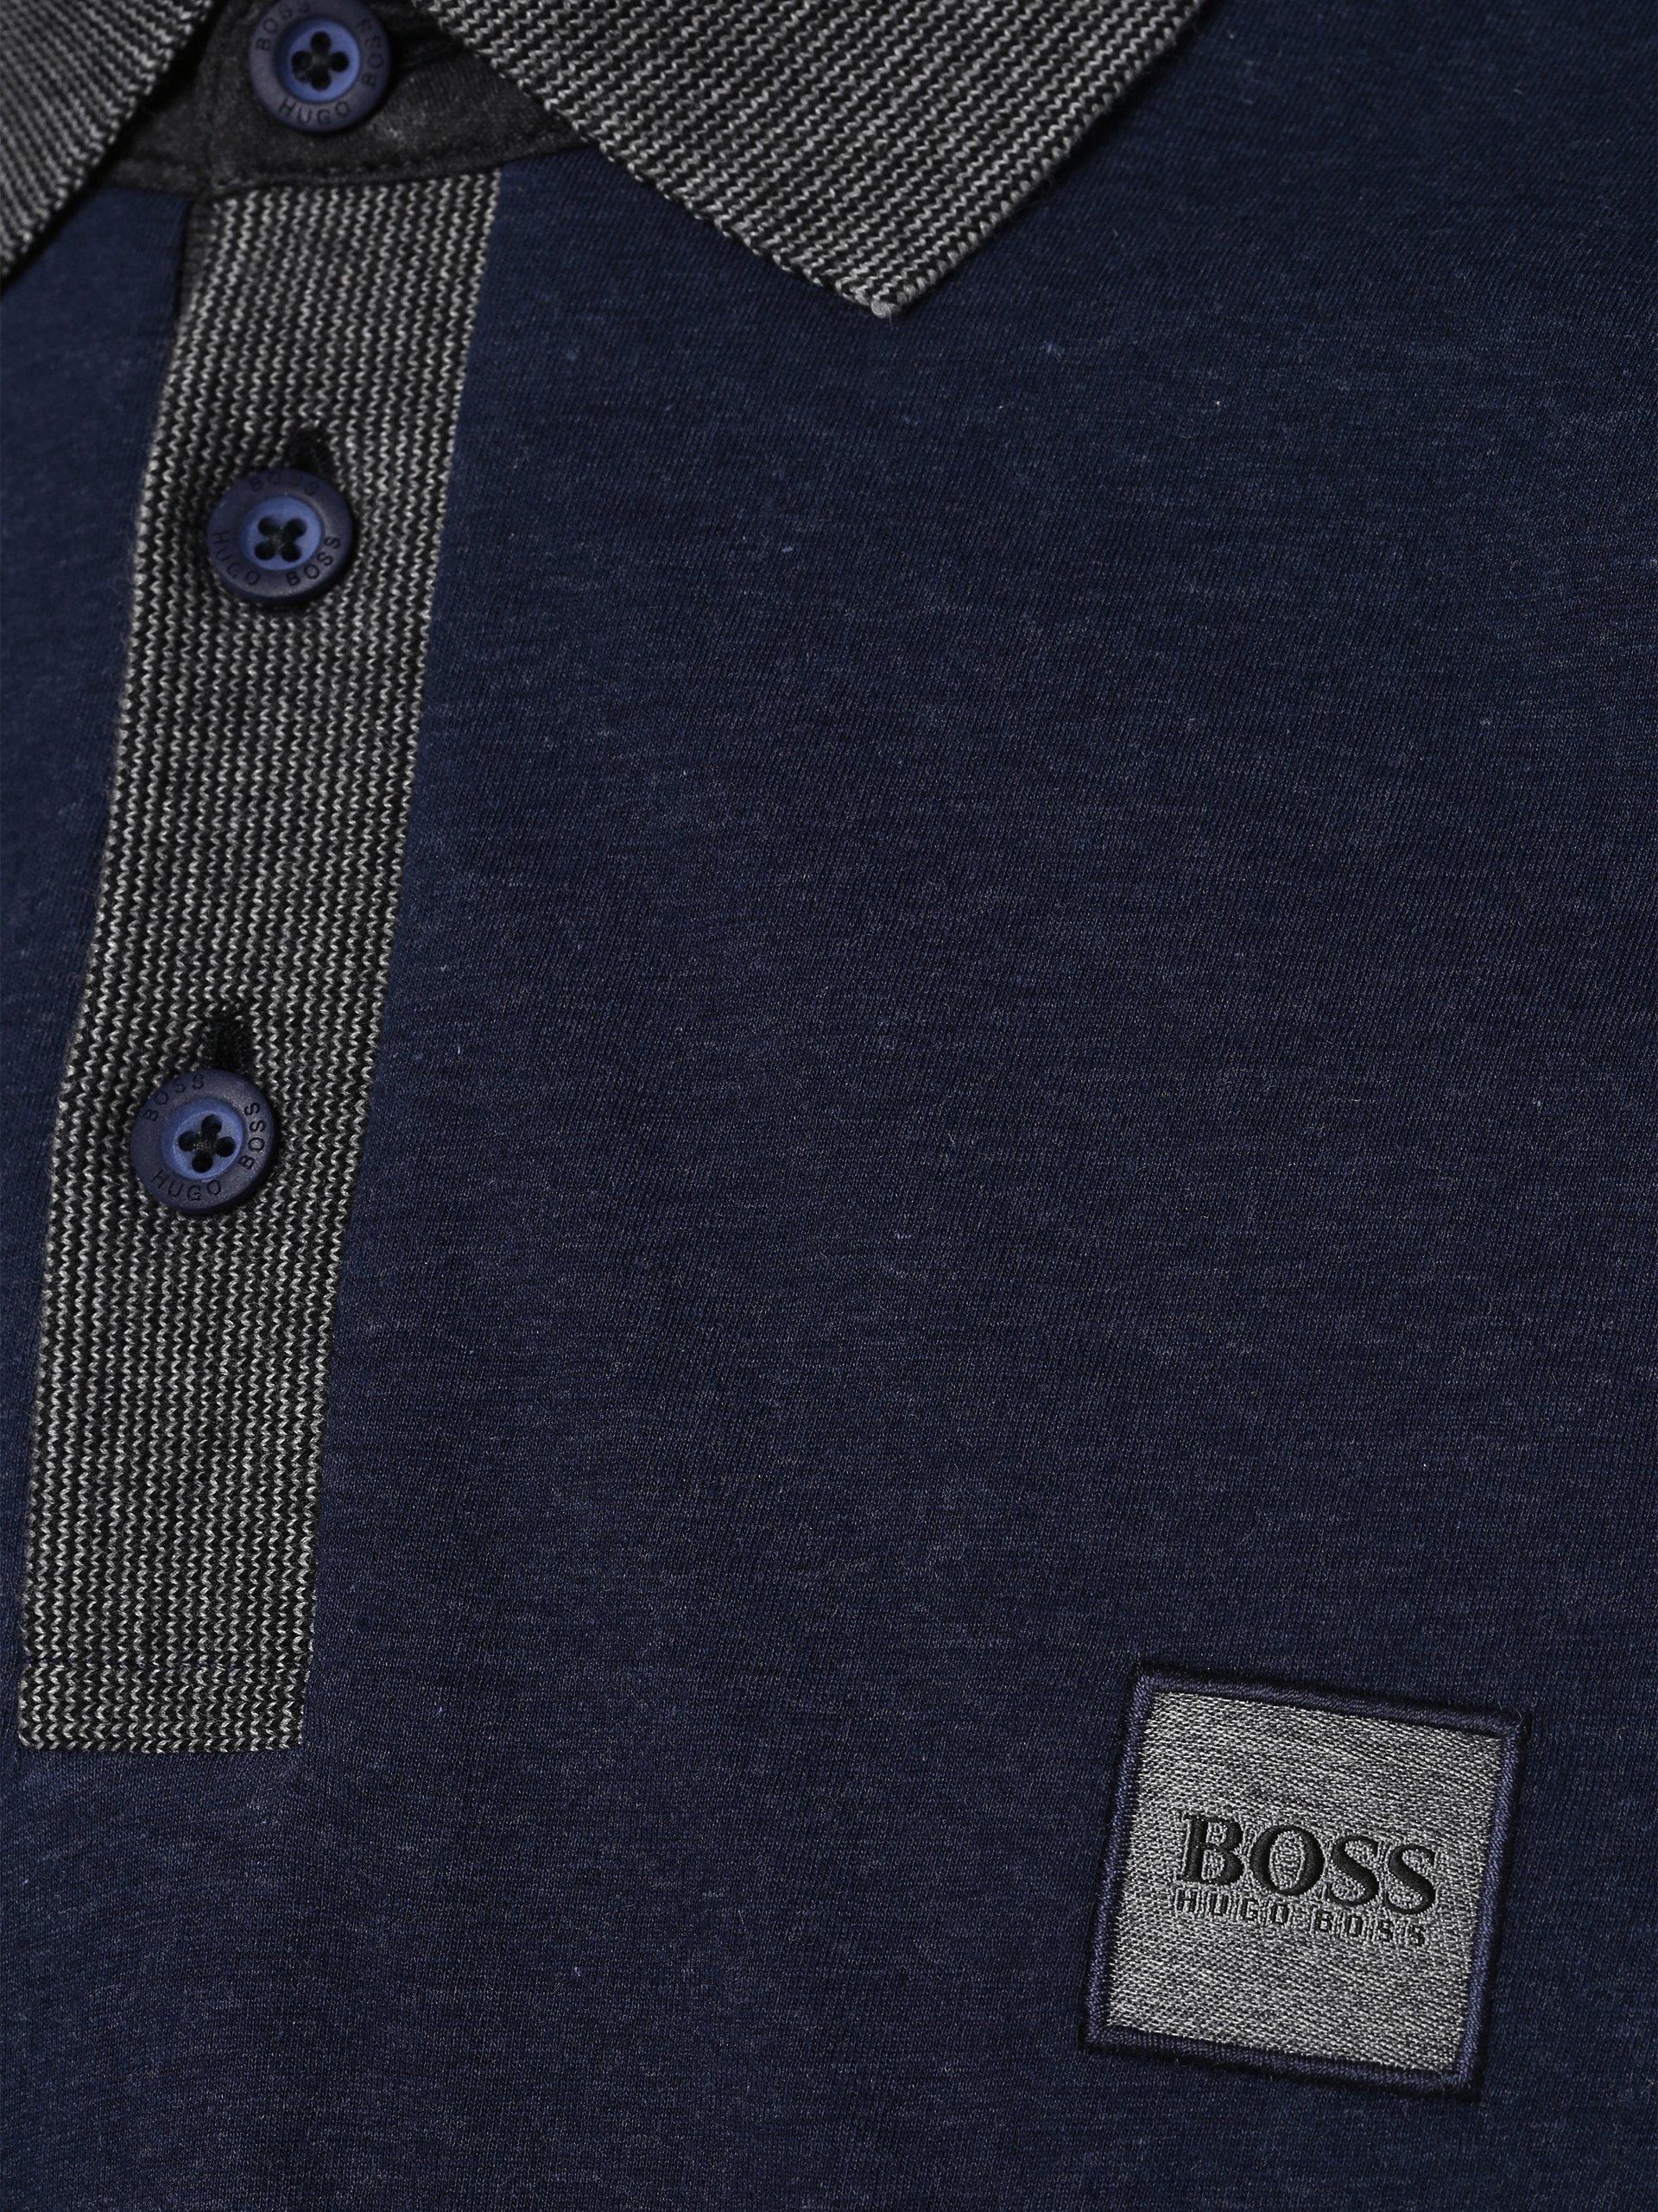 BOSS Casual Herren Poloshirt - Pother